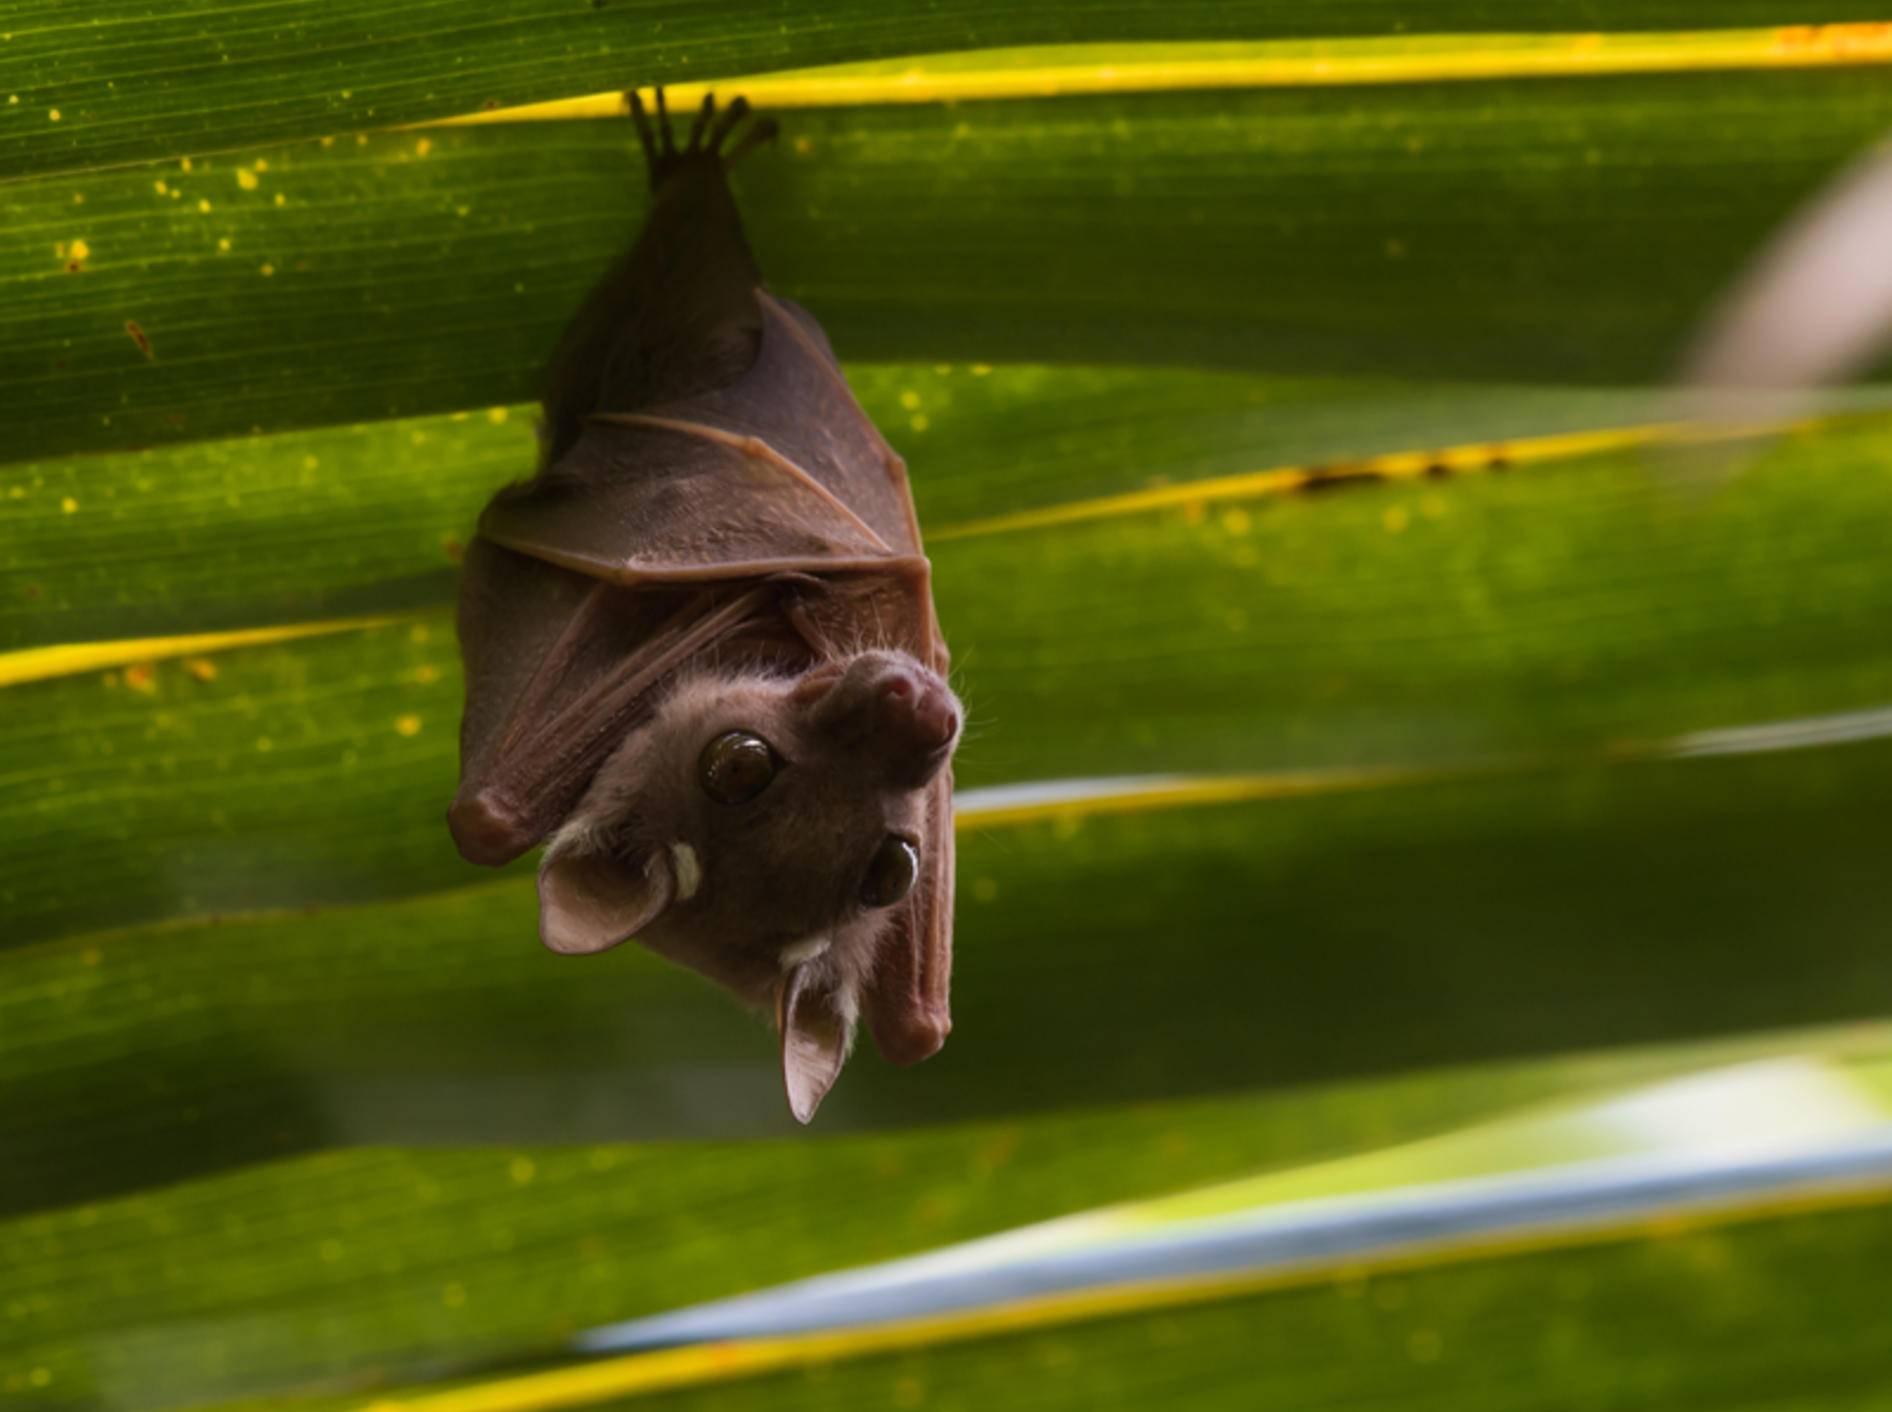 Diese klitzekleine Fledermaus versteckt sich unter einem Palmblatt – Shutterstock / Dave Montreuil